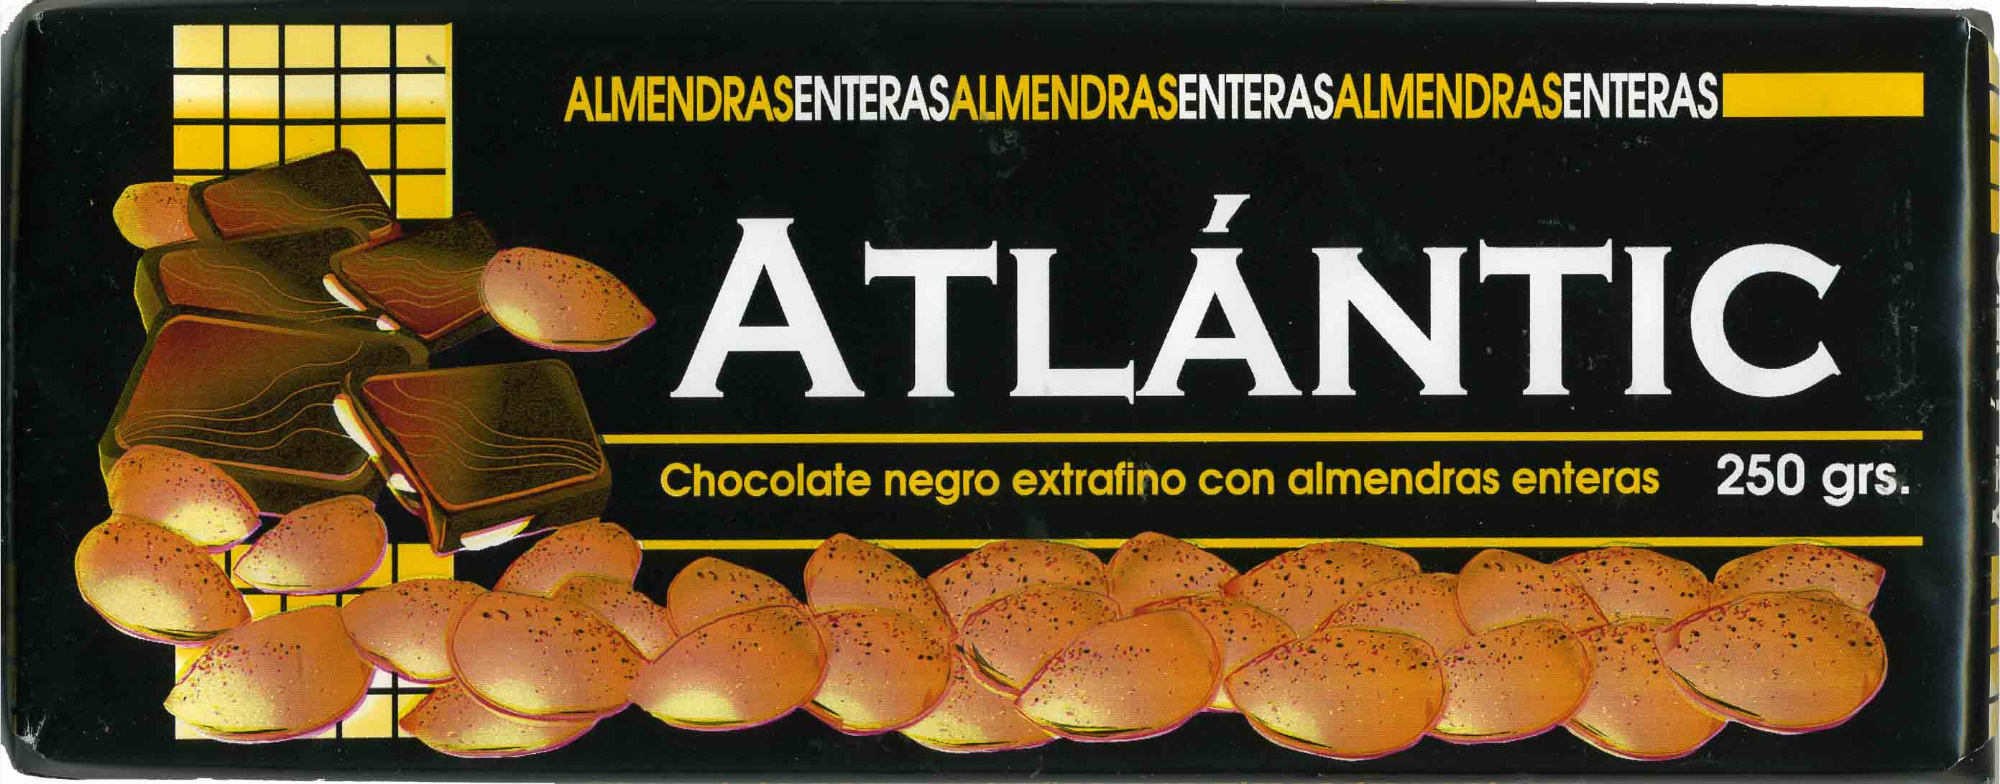 Tableta de chocolate negro con almendras 45% cacao - Producte - es